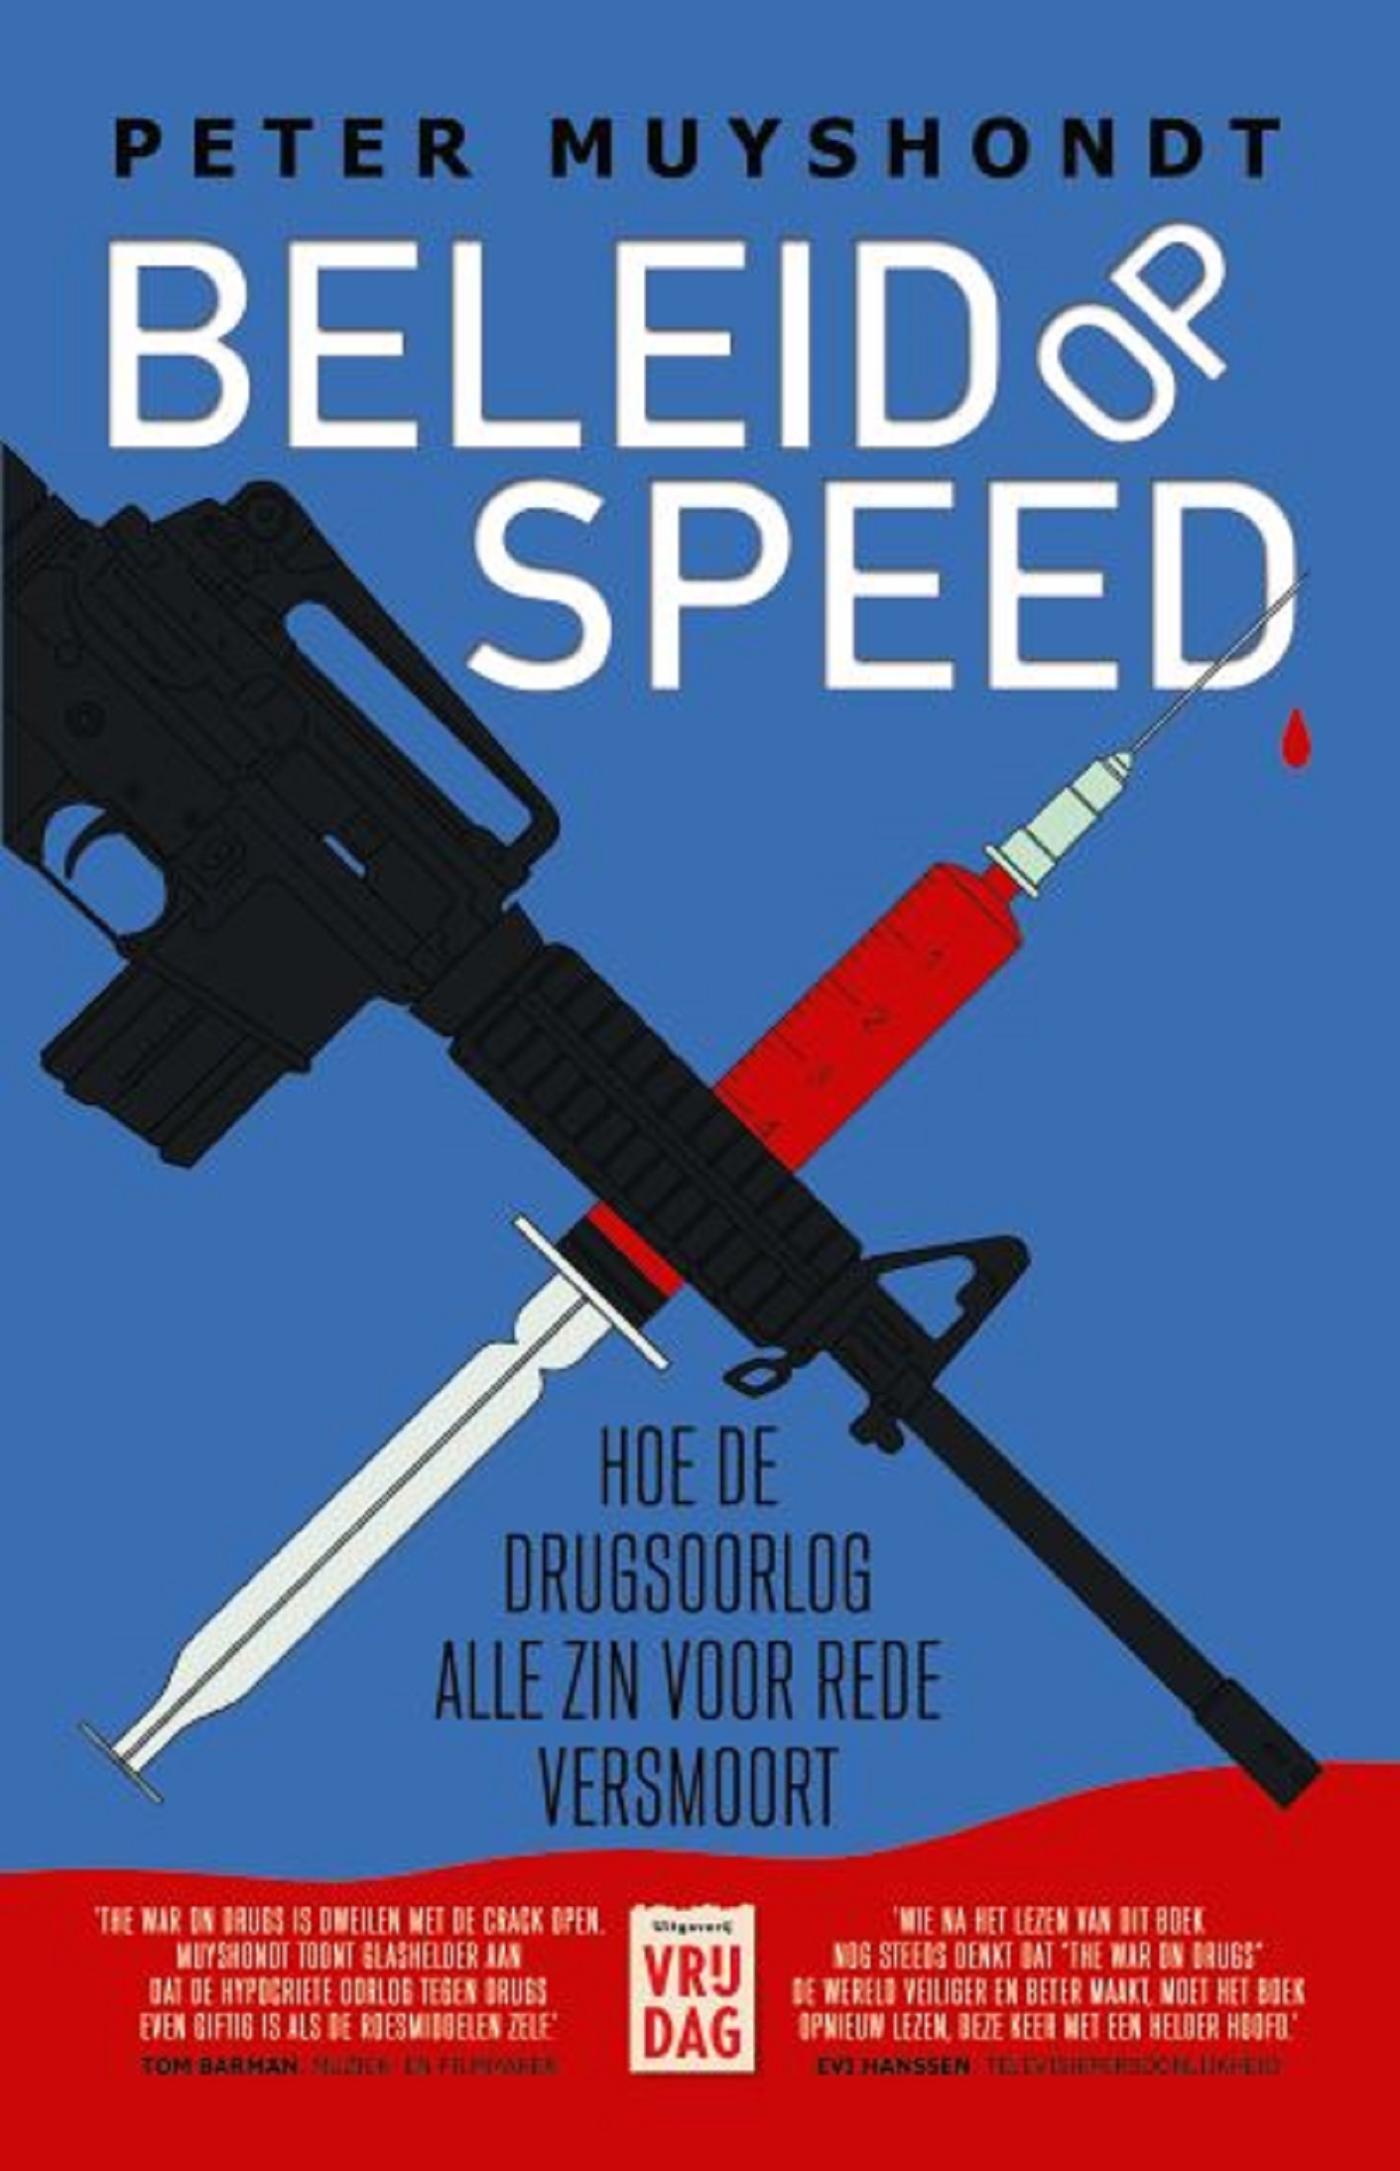 Beleid op speed